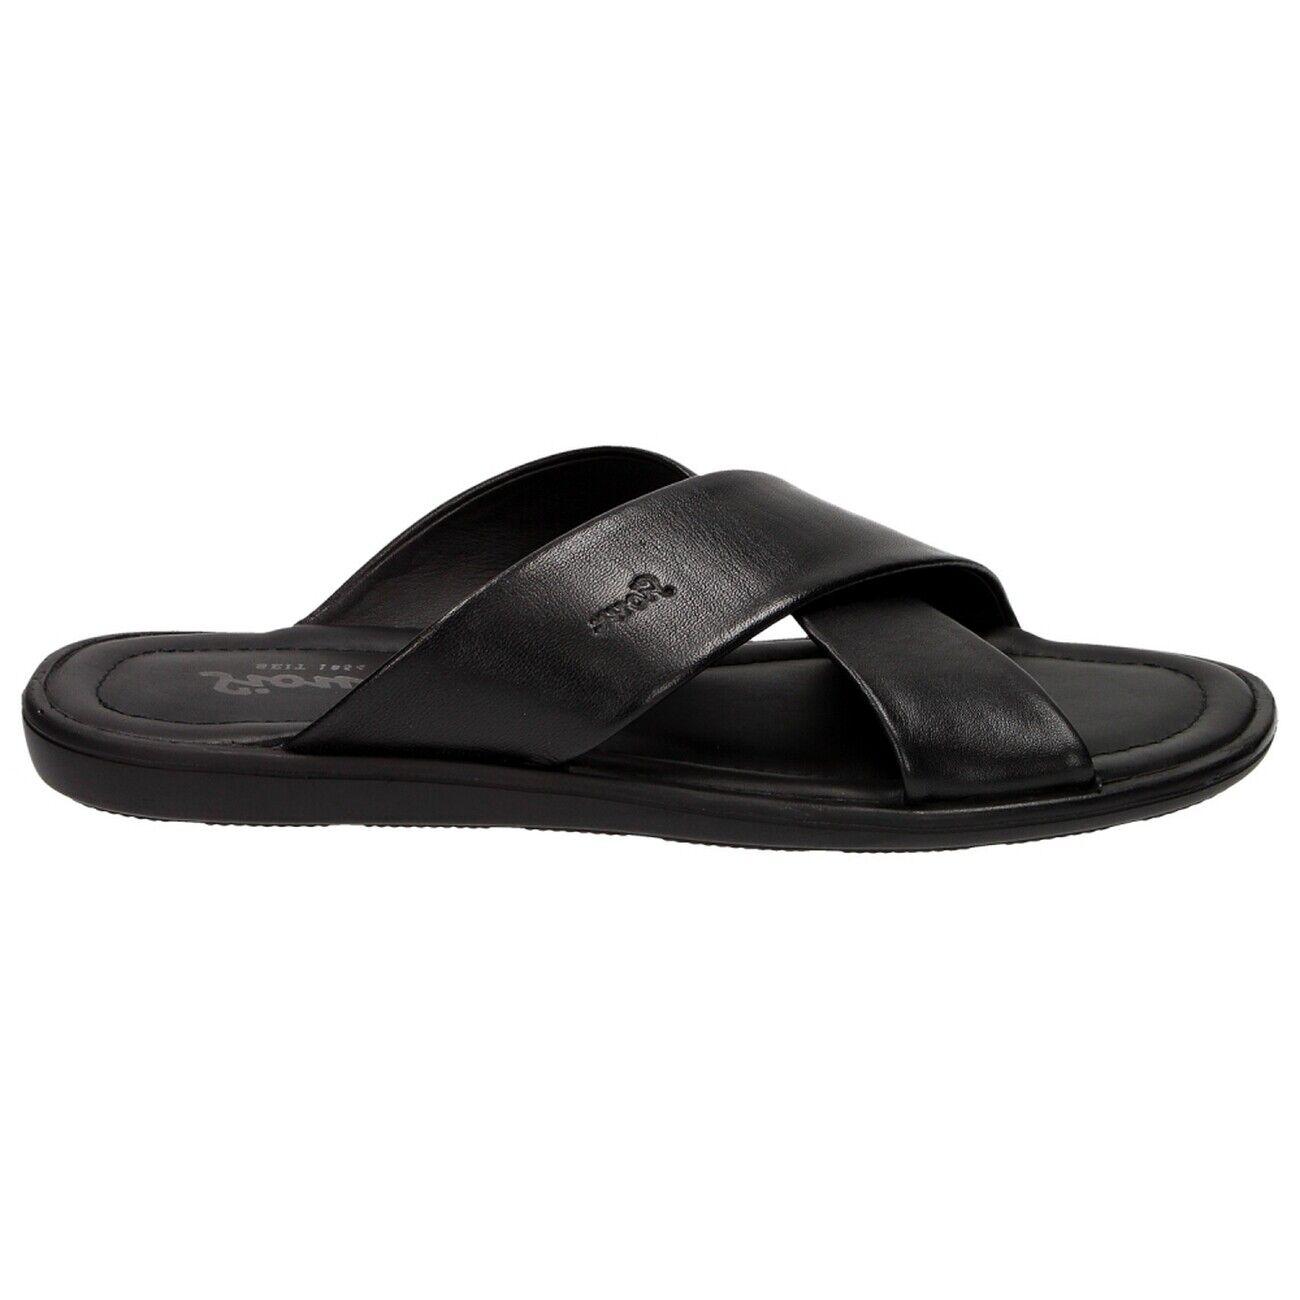 Sioux minago negro caballeros-sandalia es 30880